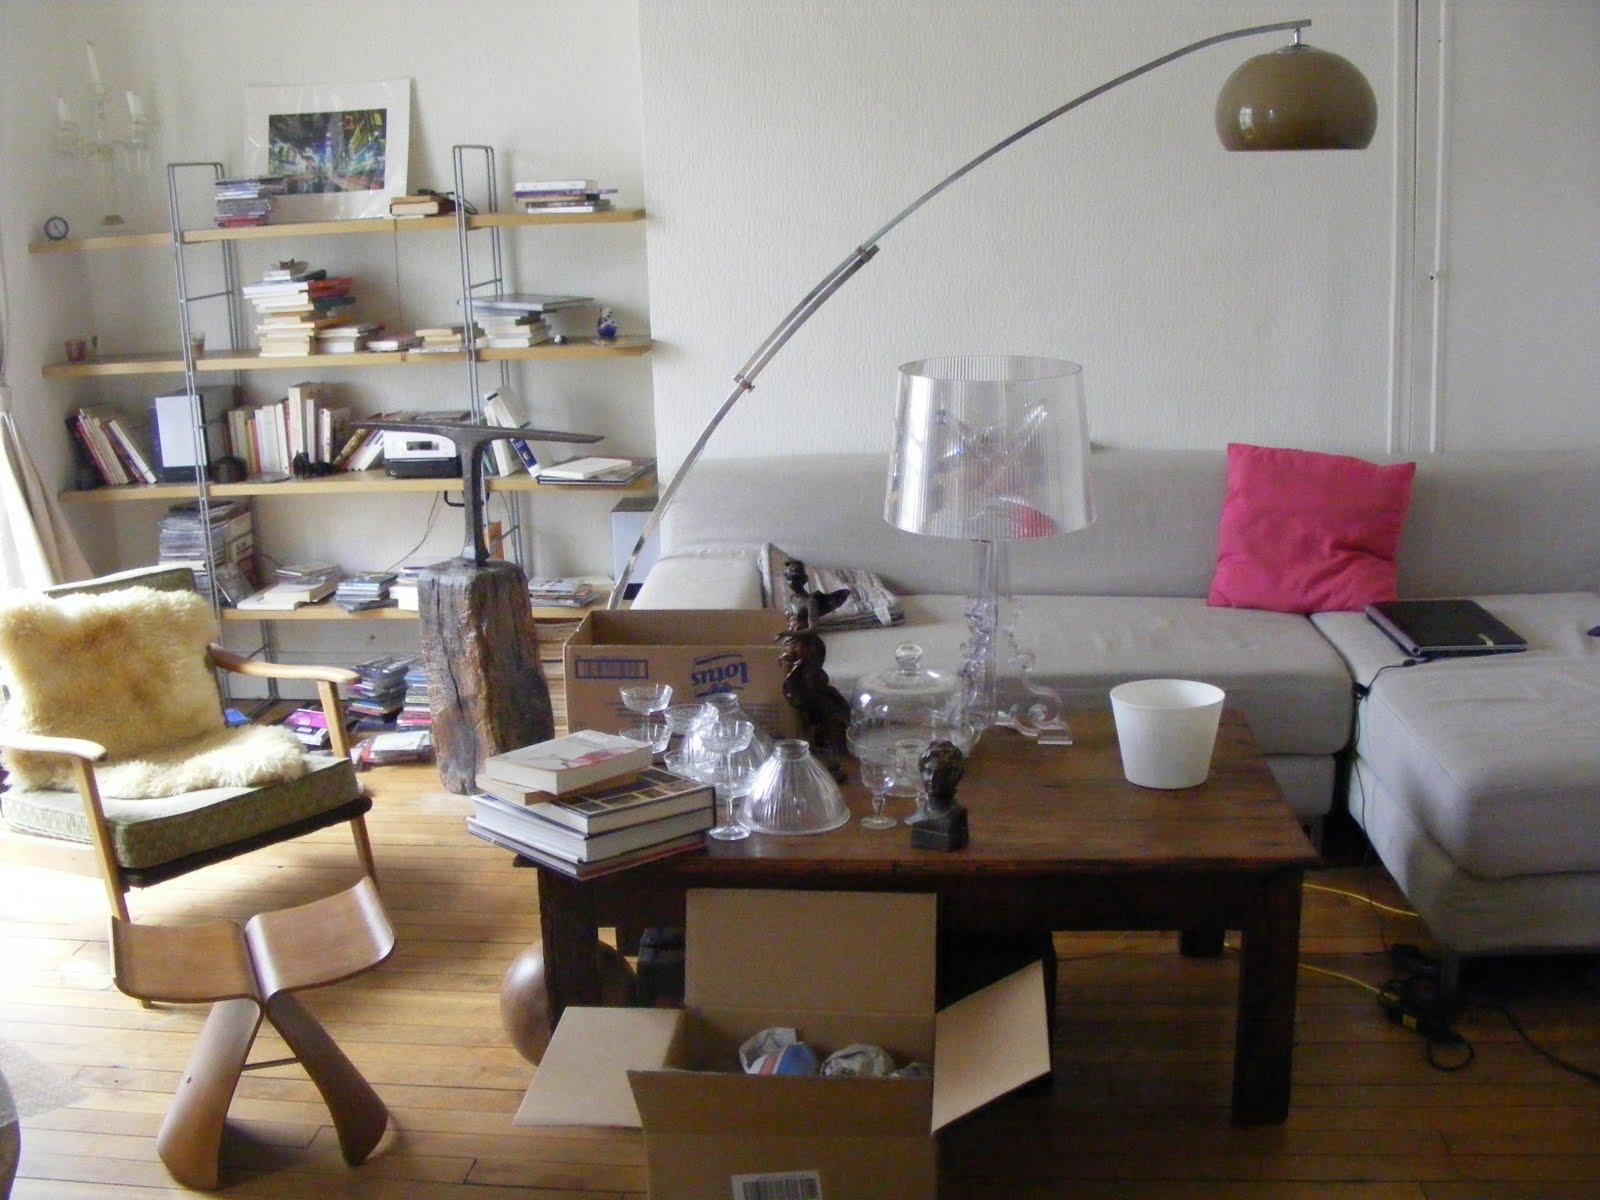 un nid paris les cartons de d m nagement no l avant l 39 heure. Black Bedroom Furniture Sets. Home Design Ideas